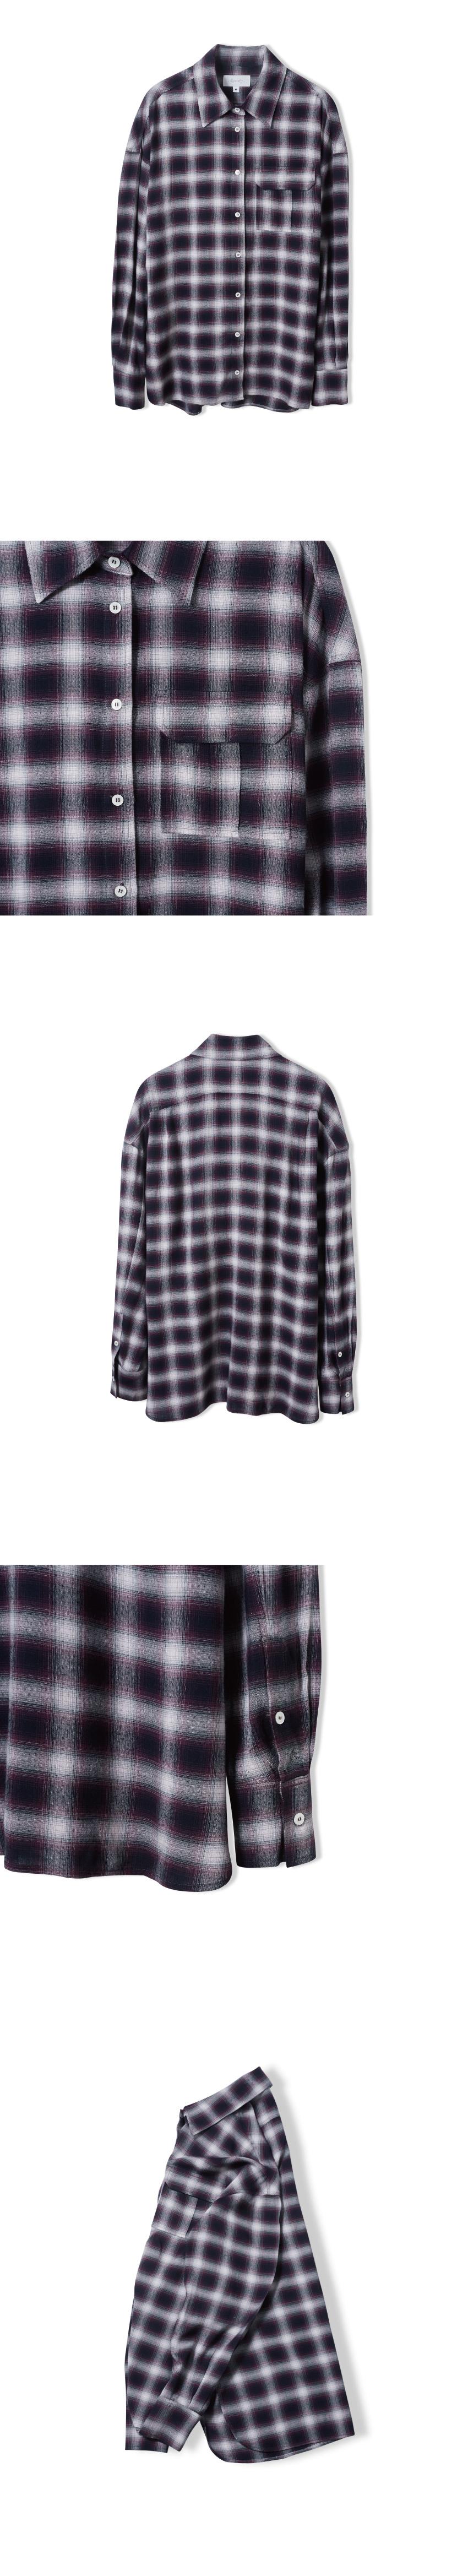 로사이어티(ROCIETY) 플란넬 드랍 셔츠